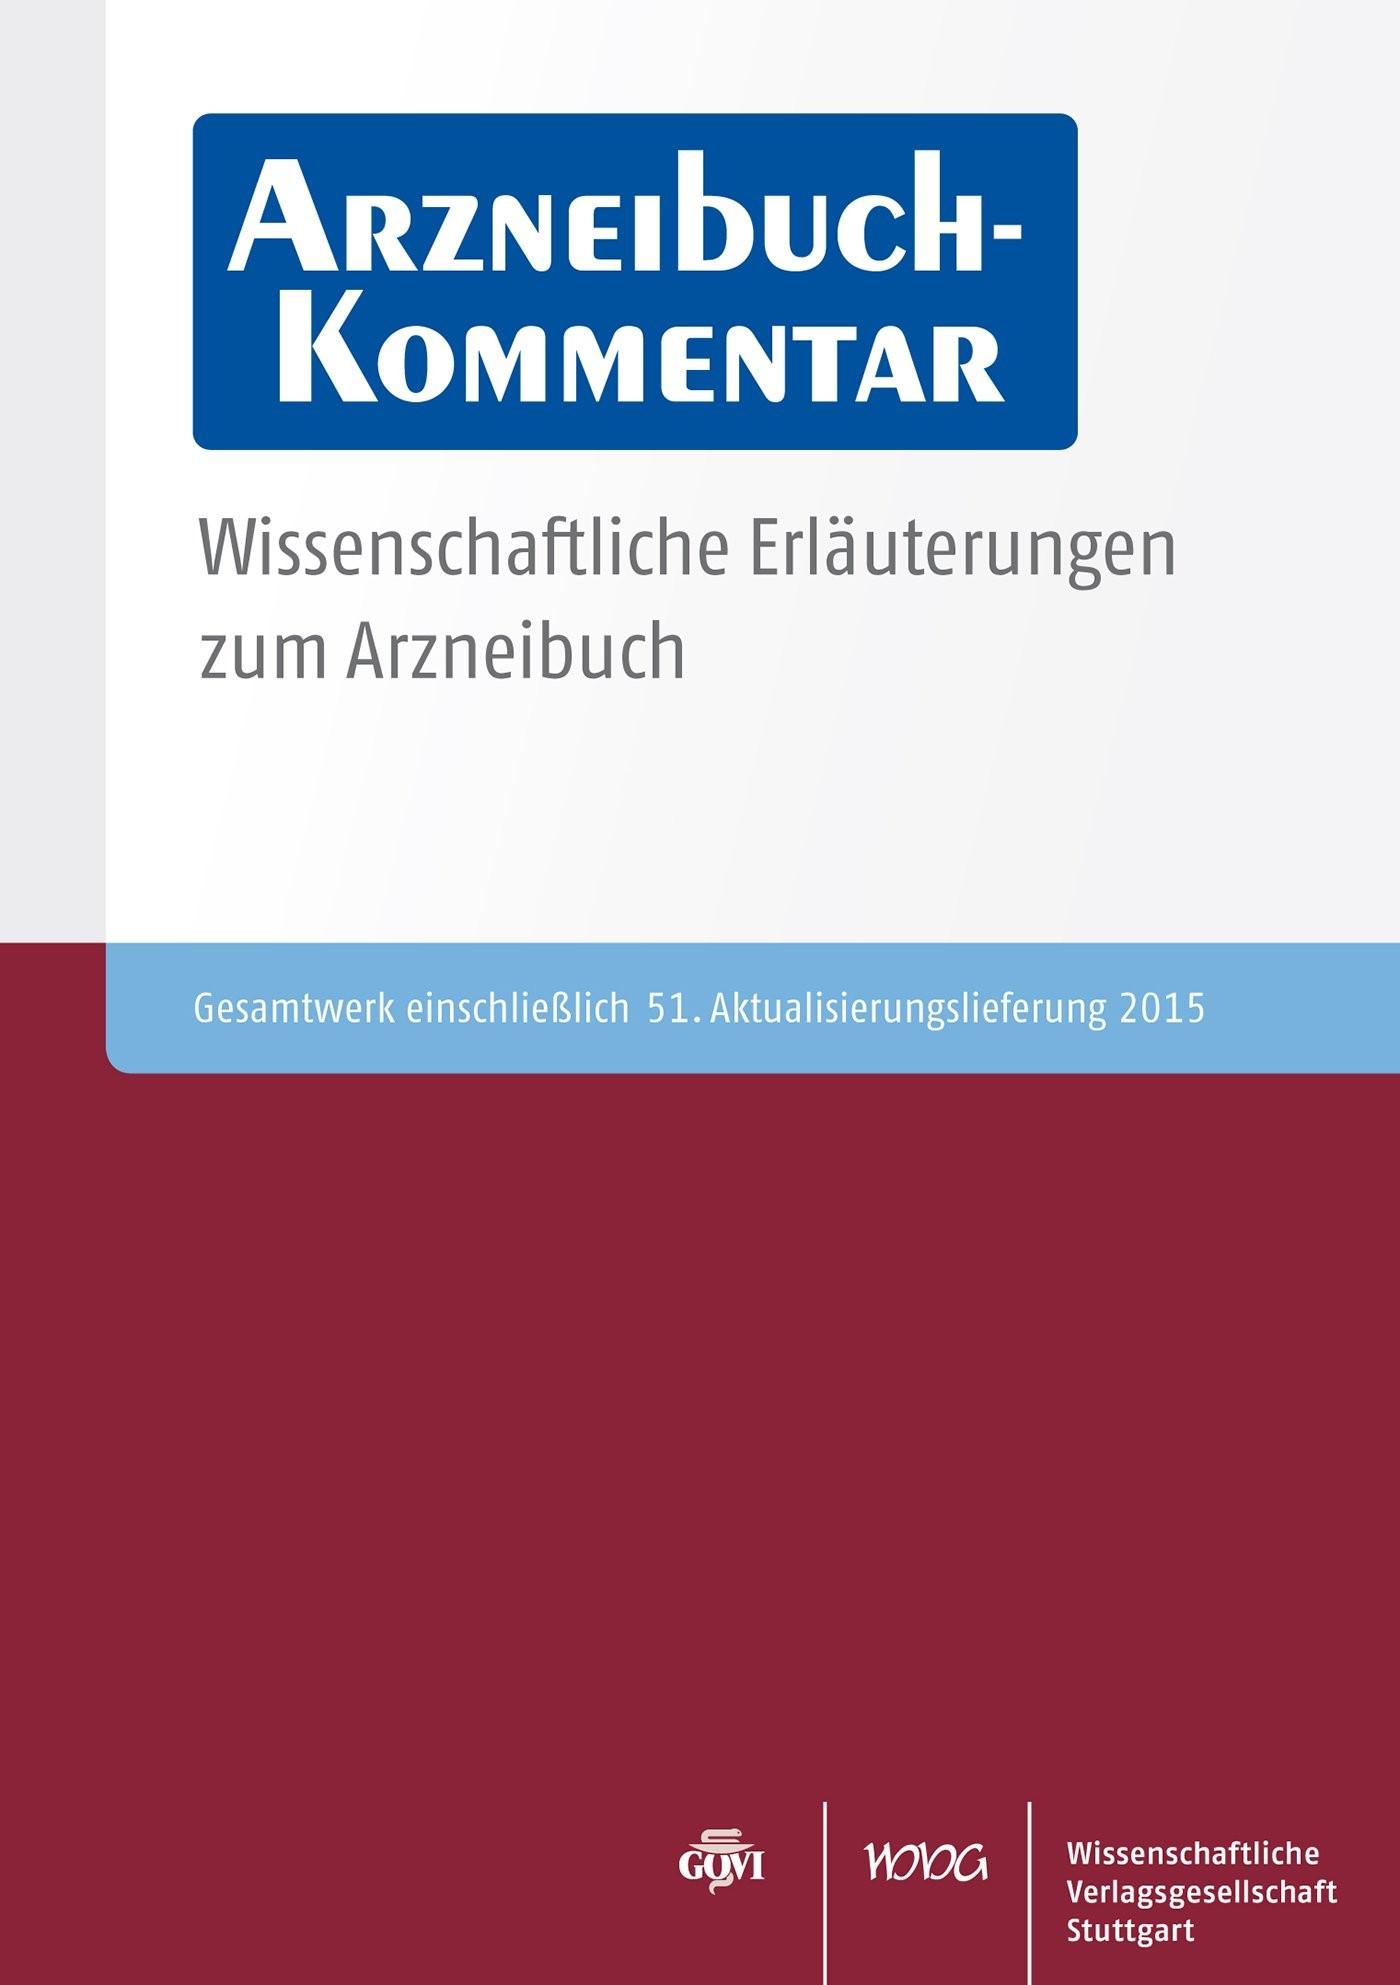 Arzneibuch-Kommentar CD-ROM VOL 51 | Bracher / Heisig / Langguth / Mutschler / Rücker / Schirmeister / Scriba / Stahl-Biskup / Troschütz, 2015 (Cover)